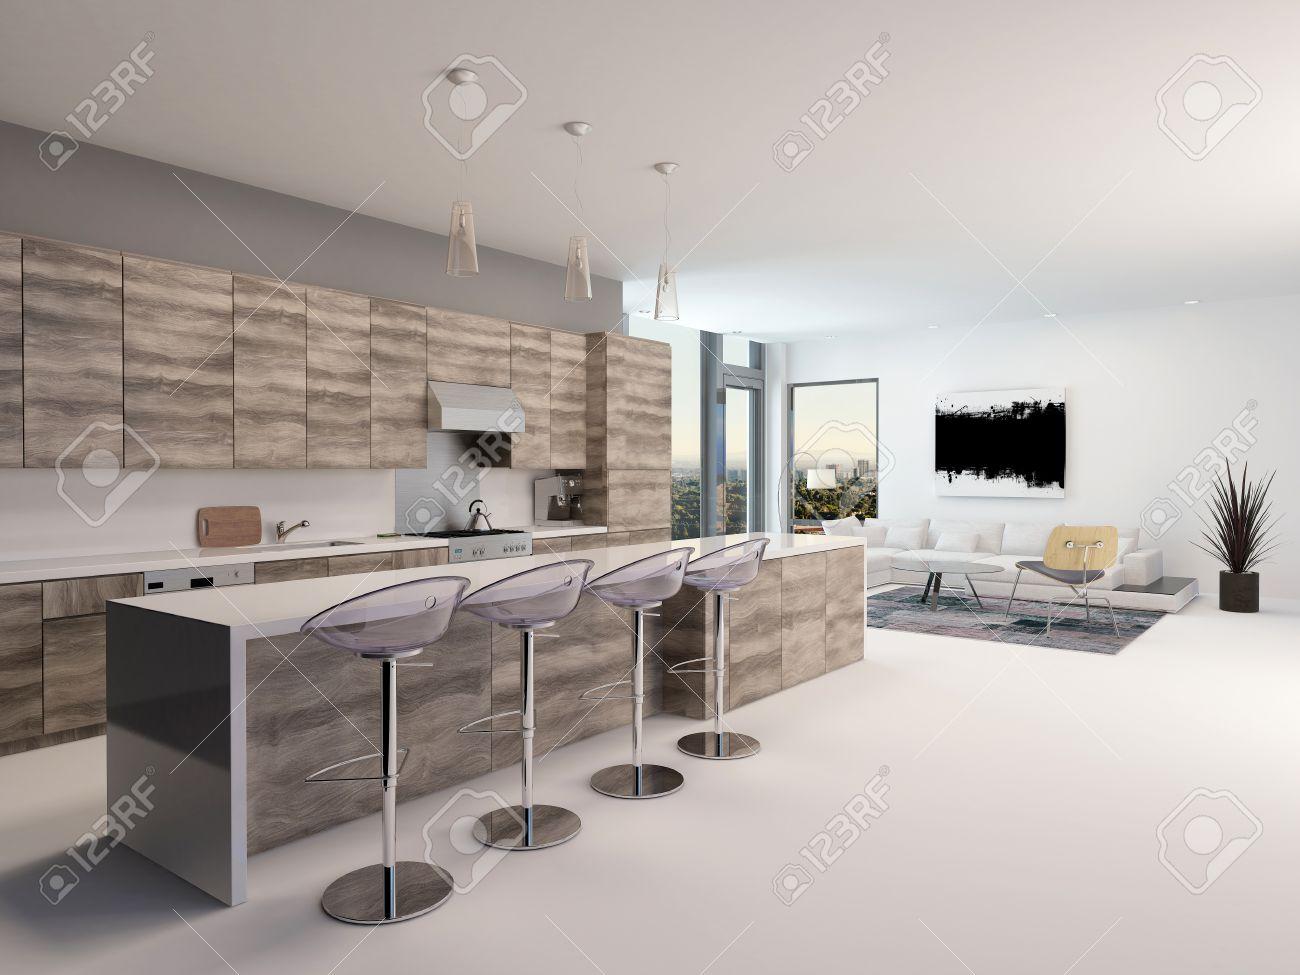 Estilo Rústico De Madera De Planta Abierta Interior De La Cocina Con ...